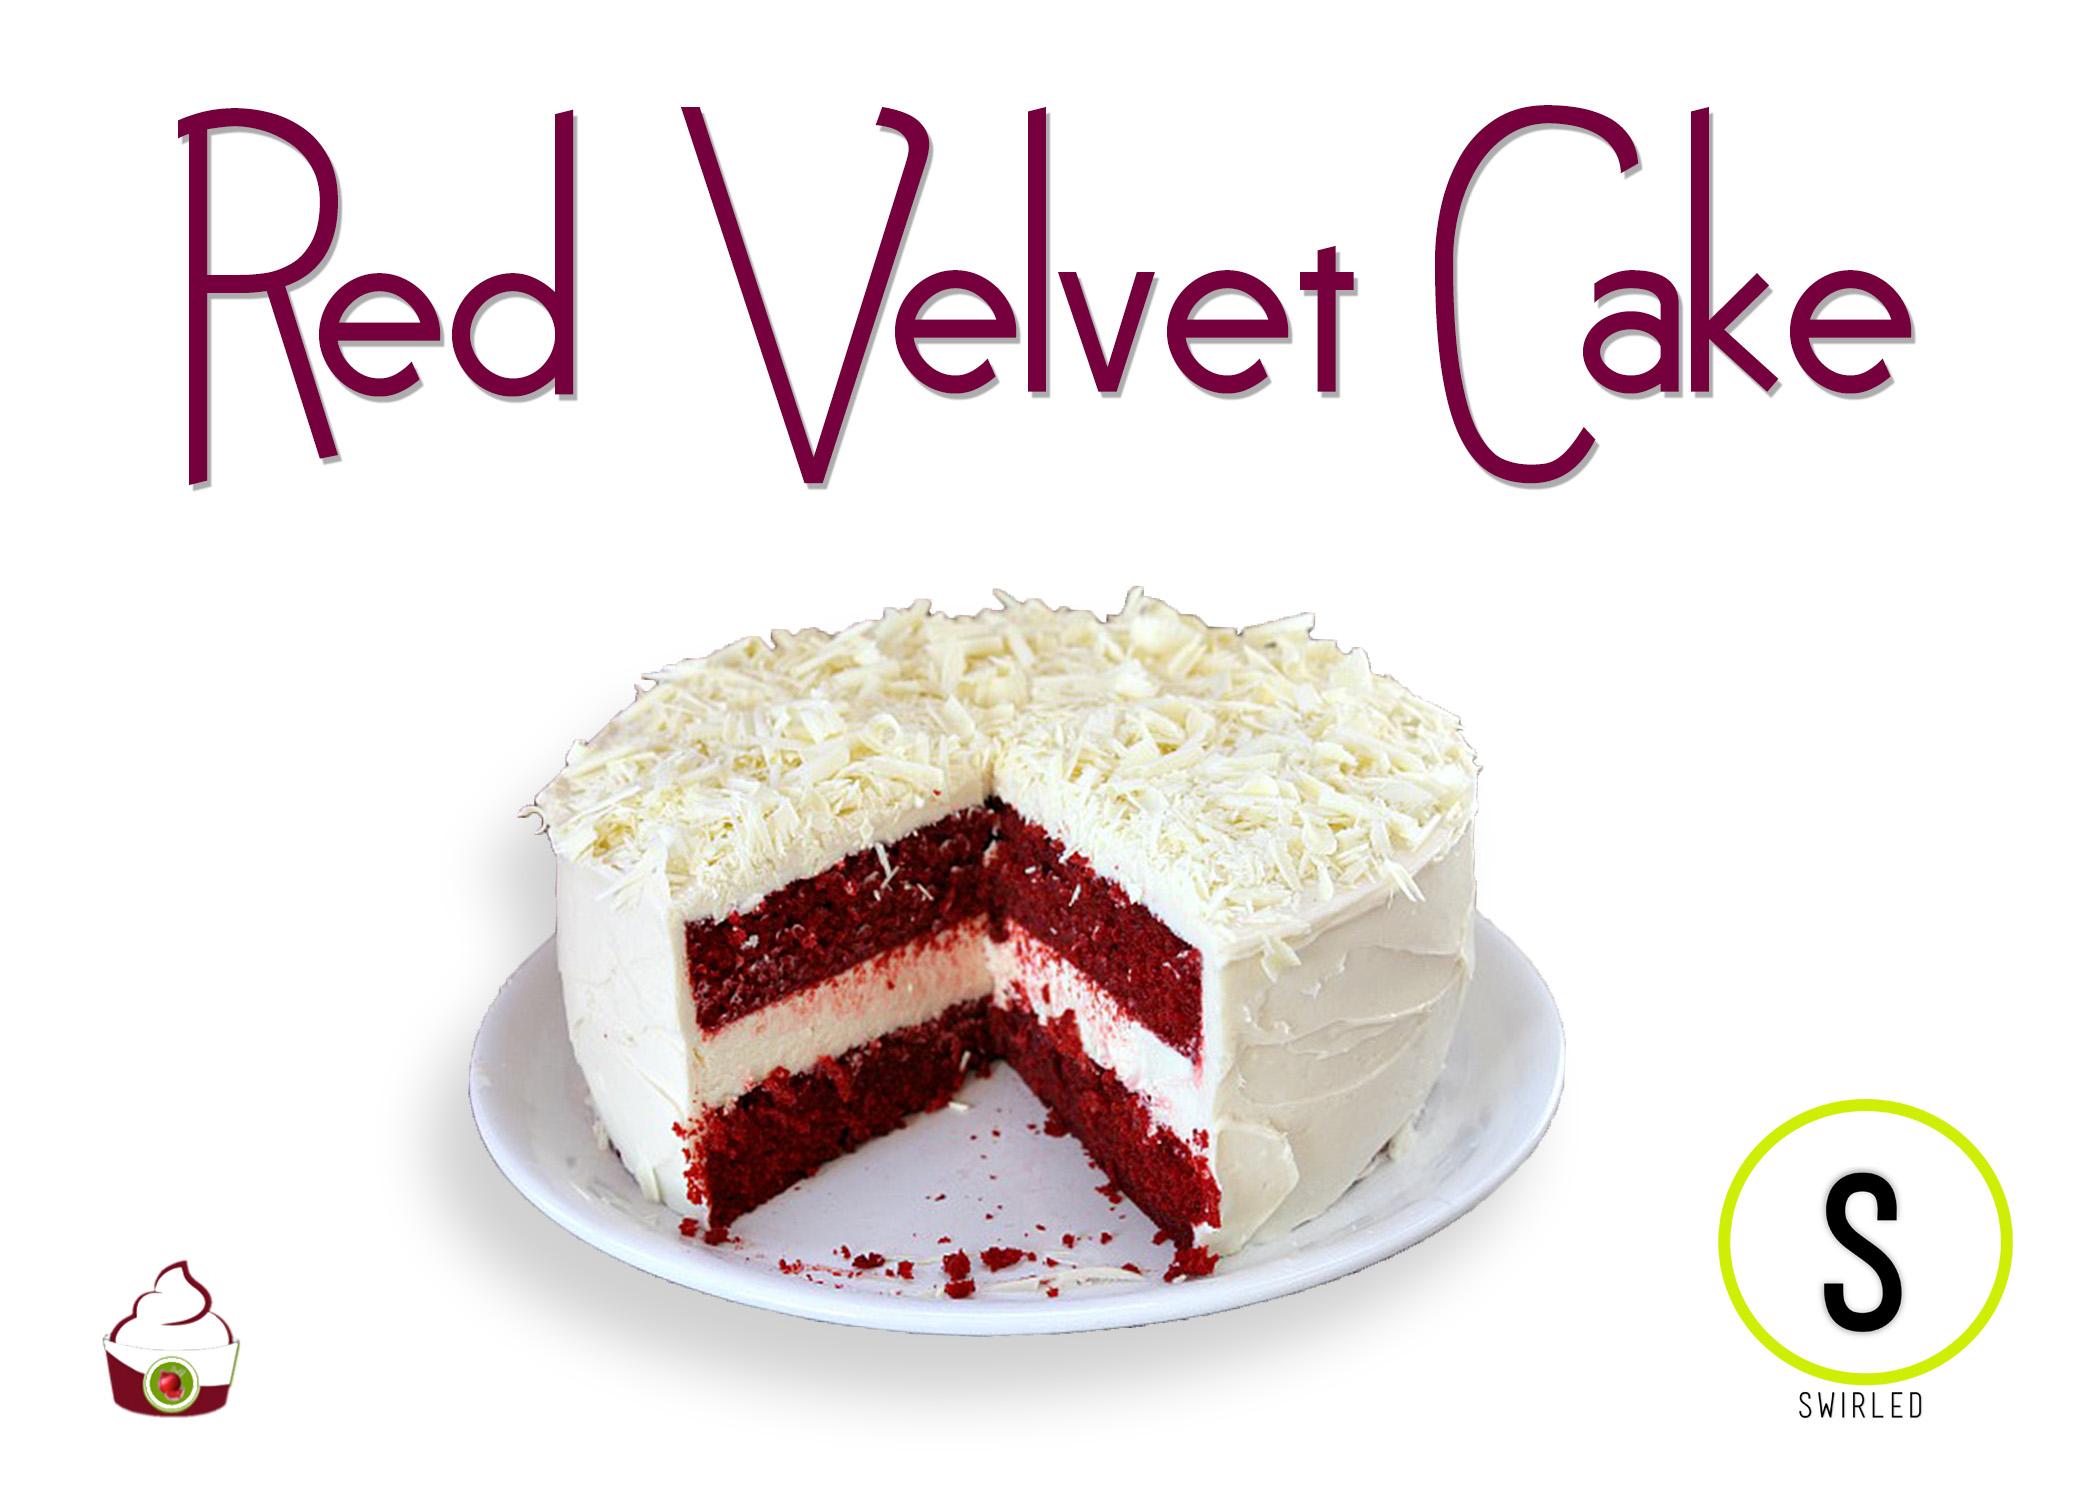 red velet cake.jpg